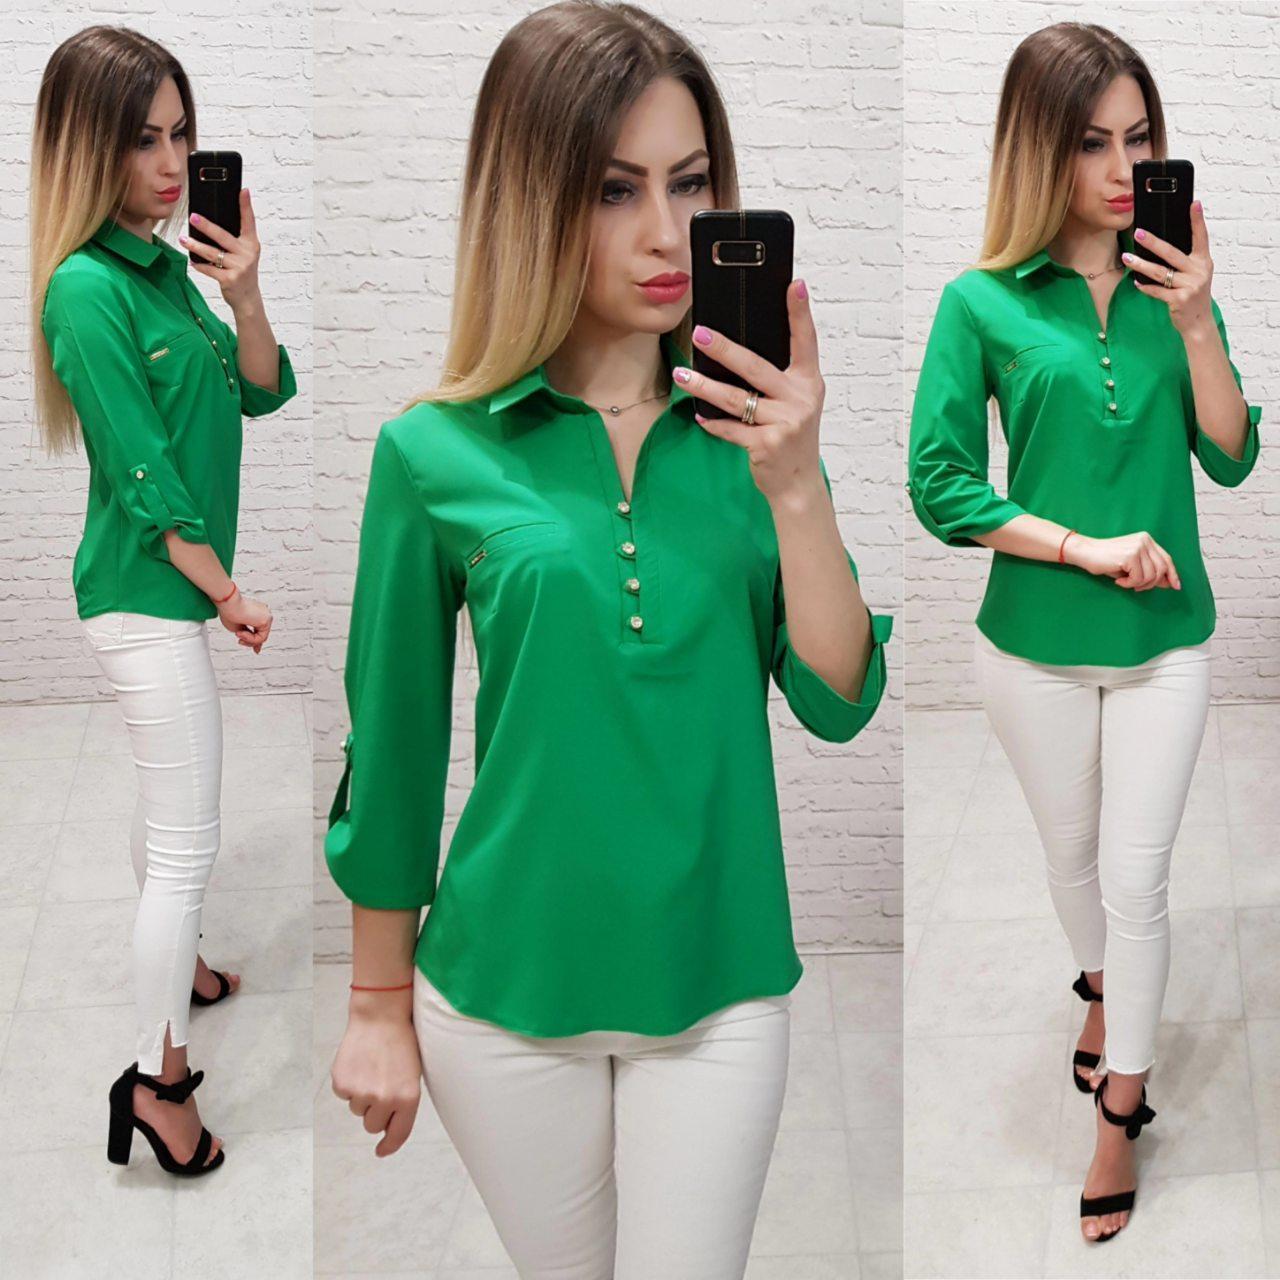 Блузка/блуза - рубашка с пуговками на груди, модель 828 , цвет зелёный трава